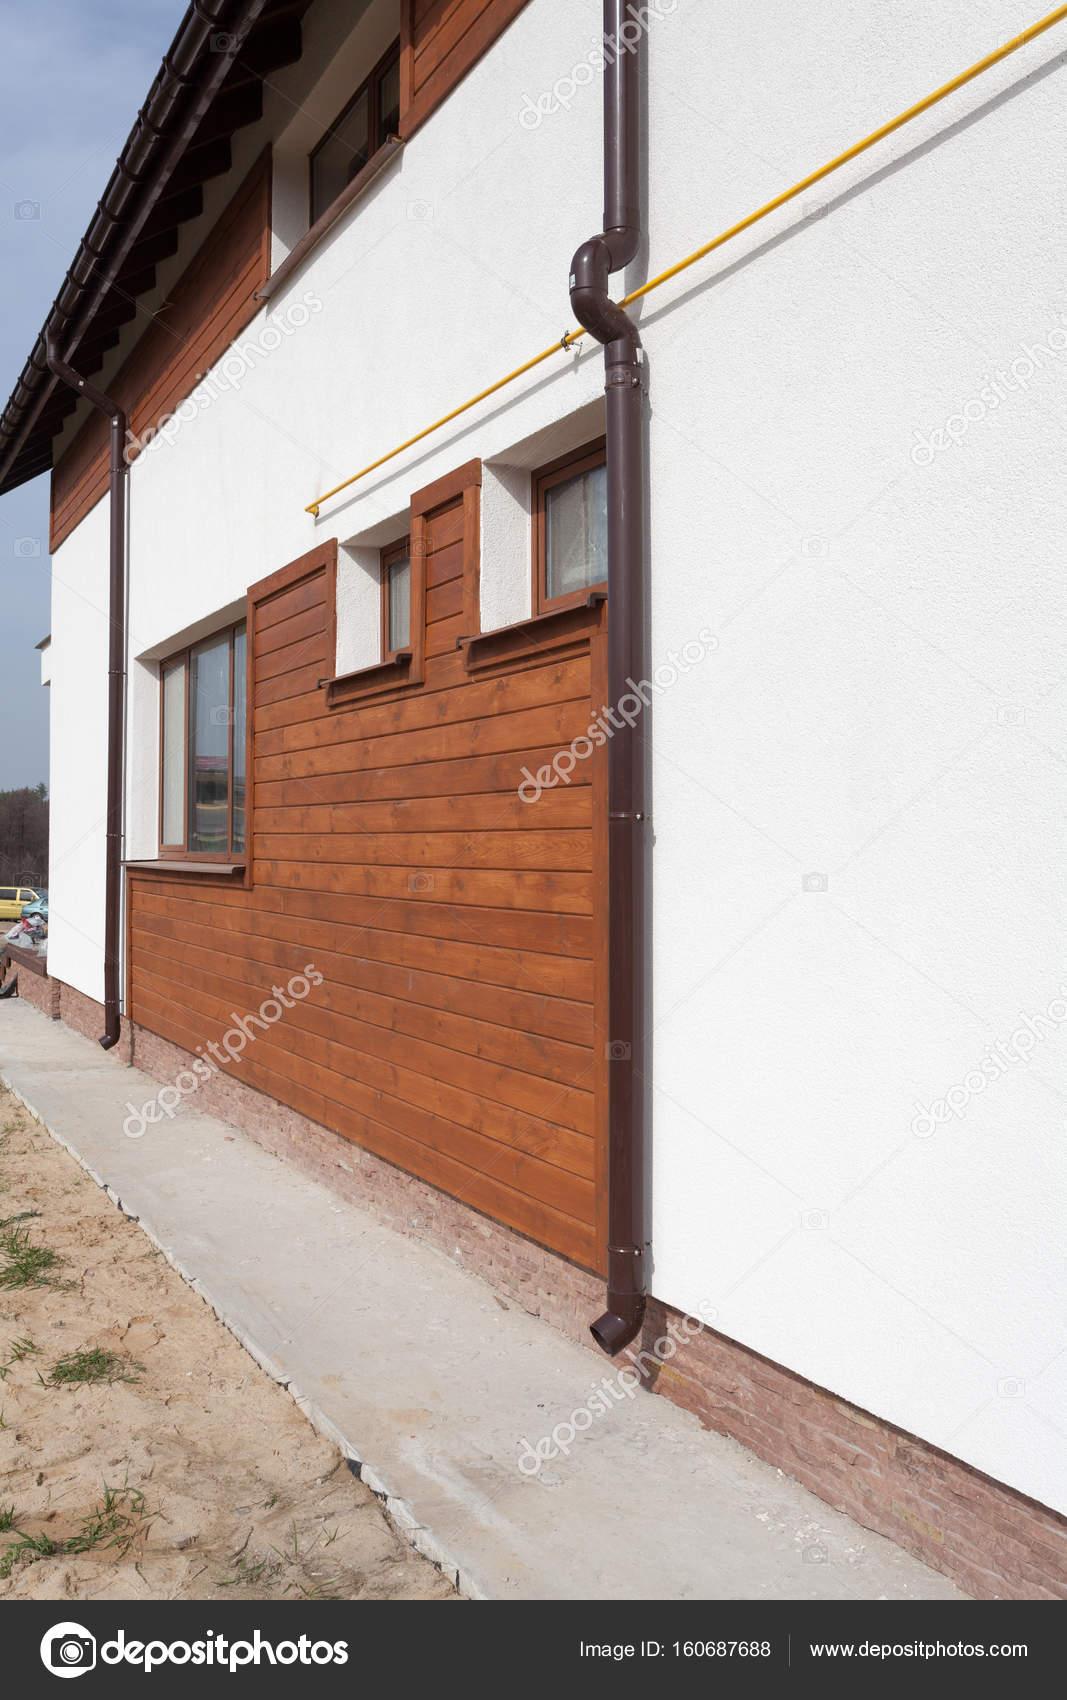 neue braun kupfer dachrinne im haus mit weißen wand und holzbohlen